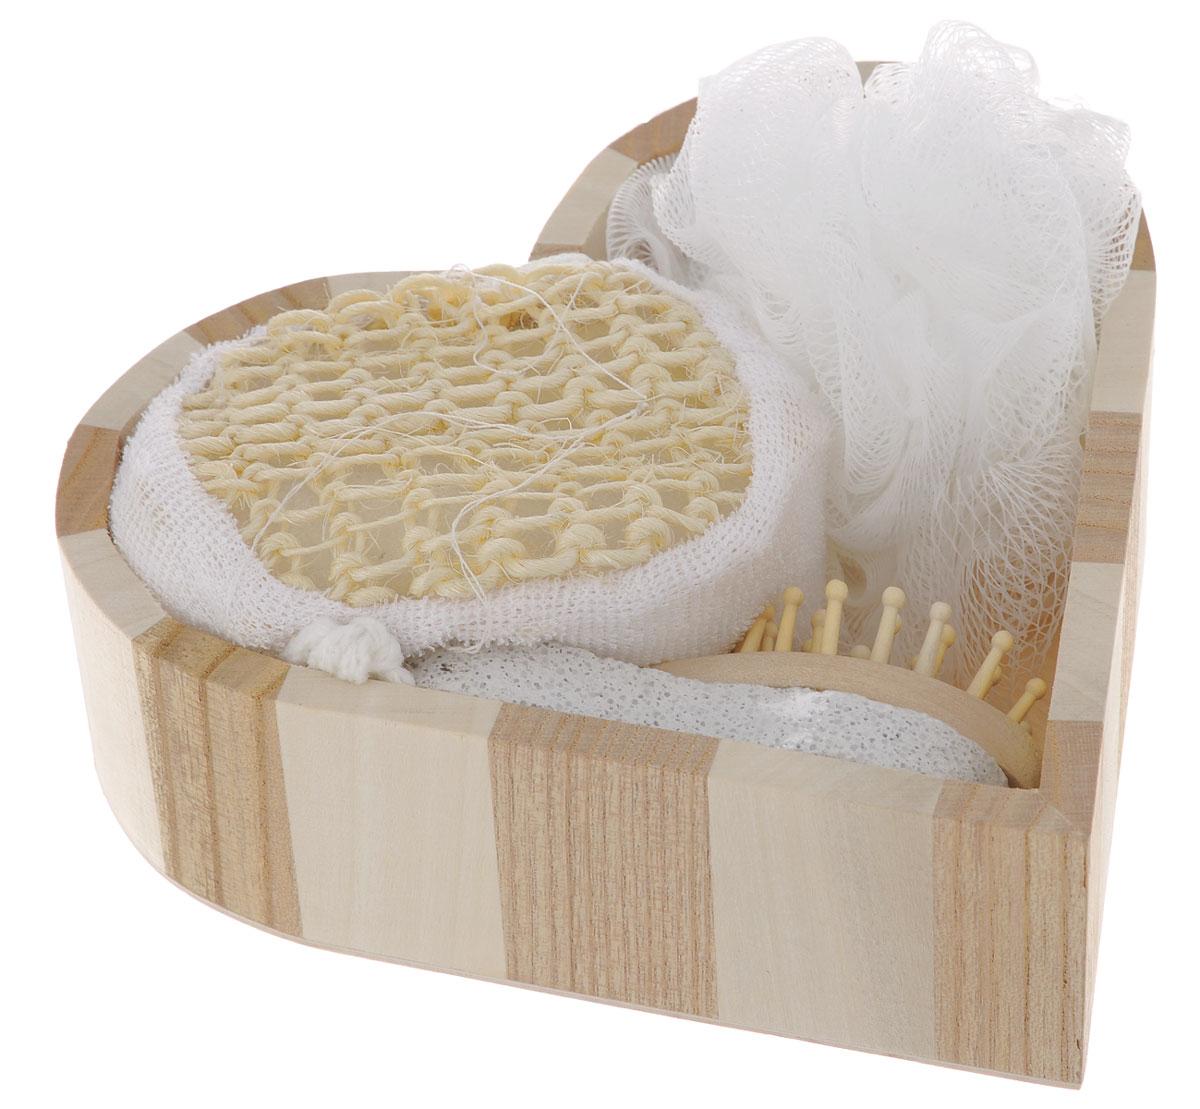 Набор для ванной и бани Феникс-презент Романтика, 5 предметов531-105Набор для ванной и бани Феникс-презент Романтика включает: - мочалка для купания из полиэтилена, - расческа из древесины павловнии,- пемза для ухода за кожей,- мочалка для купания из сизаля, - лохань из древесины тополя в форме сердца. Такой мини-набор пригодится в любой бане и сделает банную процедуру еще более комфортной и расслабляющей. Диаметр мочалки: 11 см. Размер расчески: 12 х 4 х 3 см. Размер пемзы: 9,5 х 4,5 х 2 см.Размер мочалки из сизаля: 10 х 8 х 5 см.Размер лохани: 17,5 х 18 х 5 см.